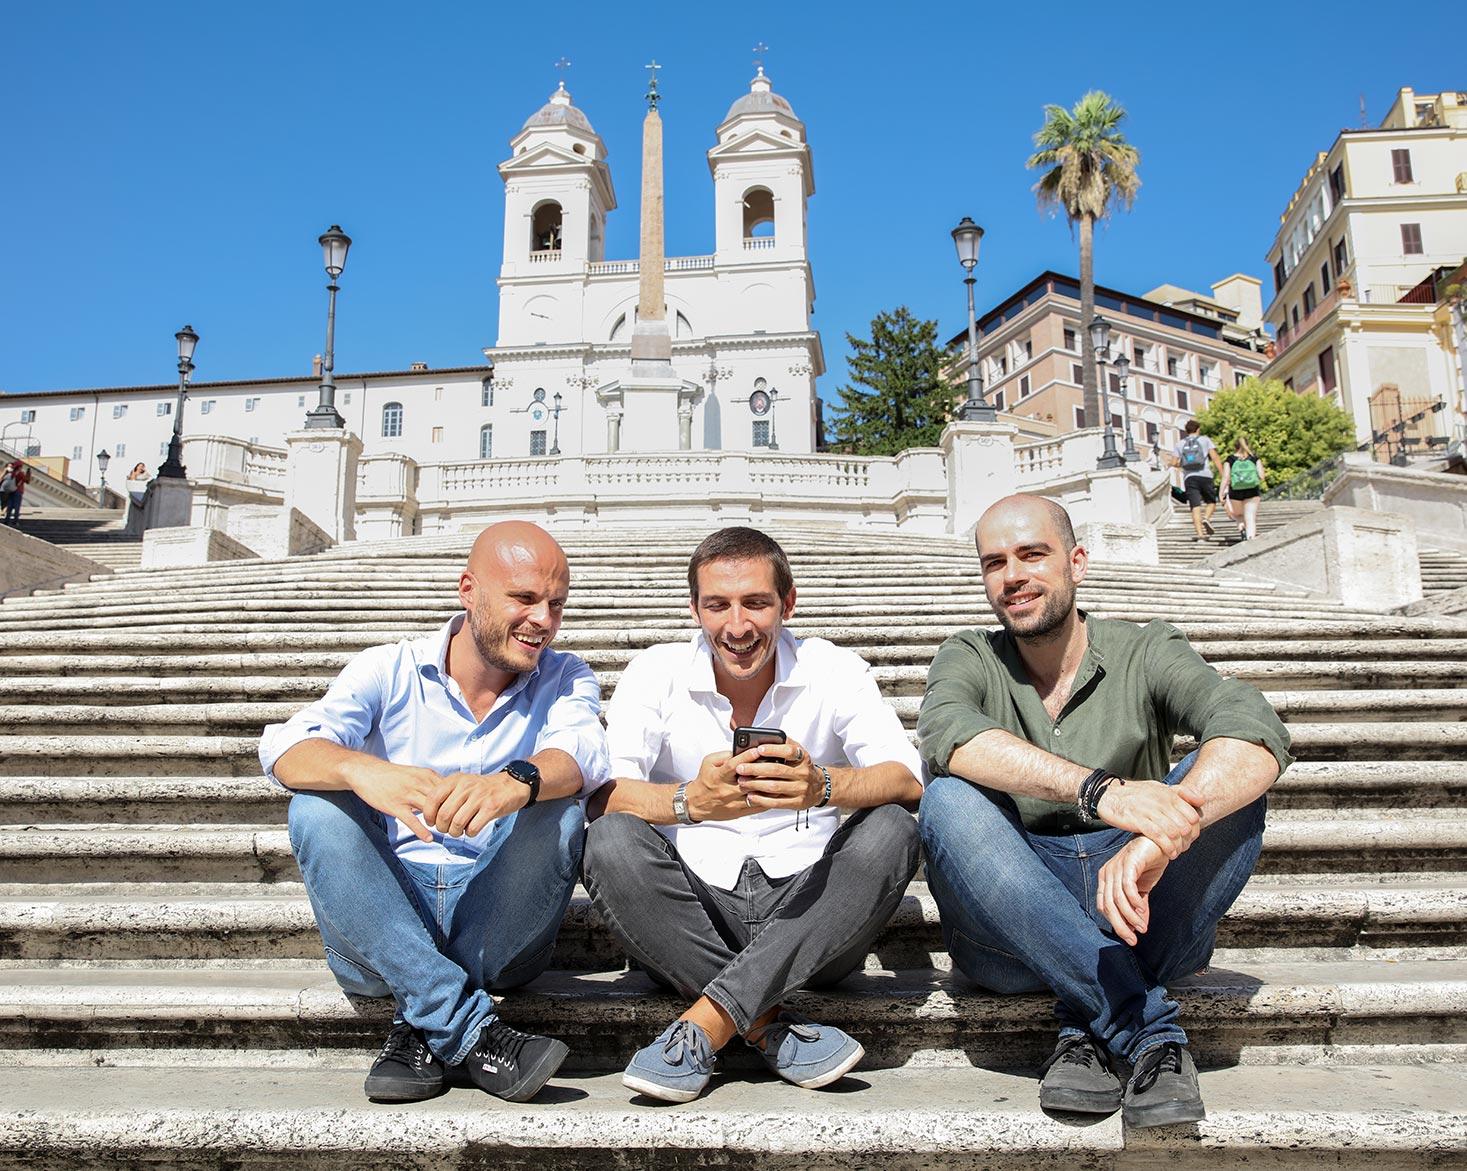 I fondatori usano Manet in città